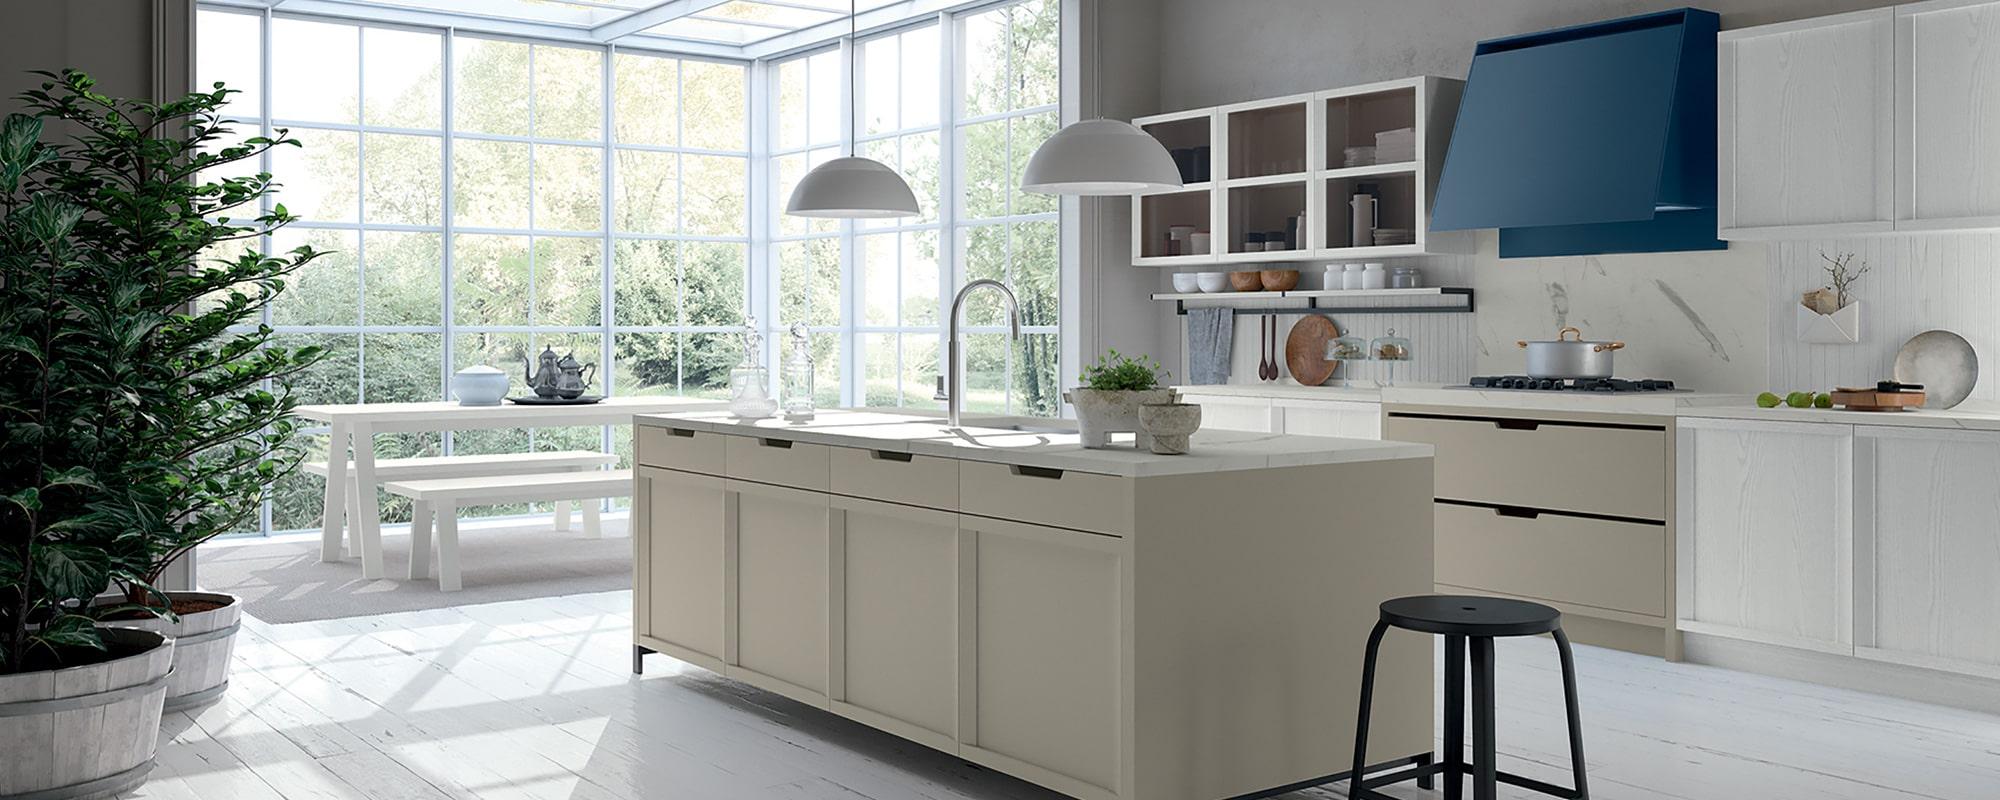 cucine-classiche-stosa-newport-stefano-arredamenti-lecce-2